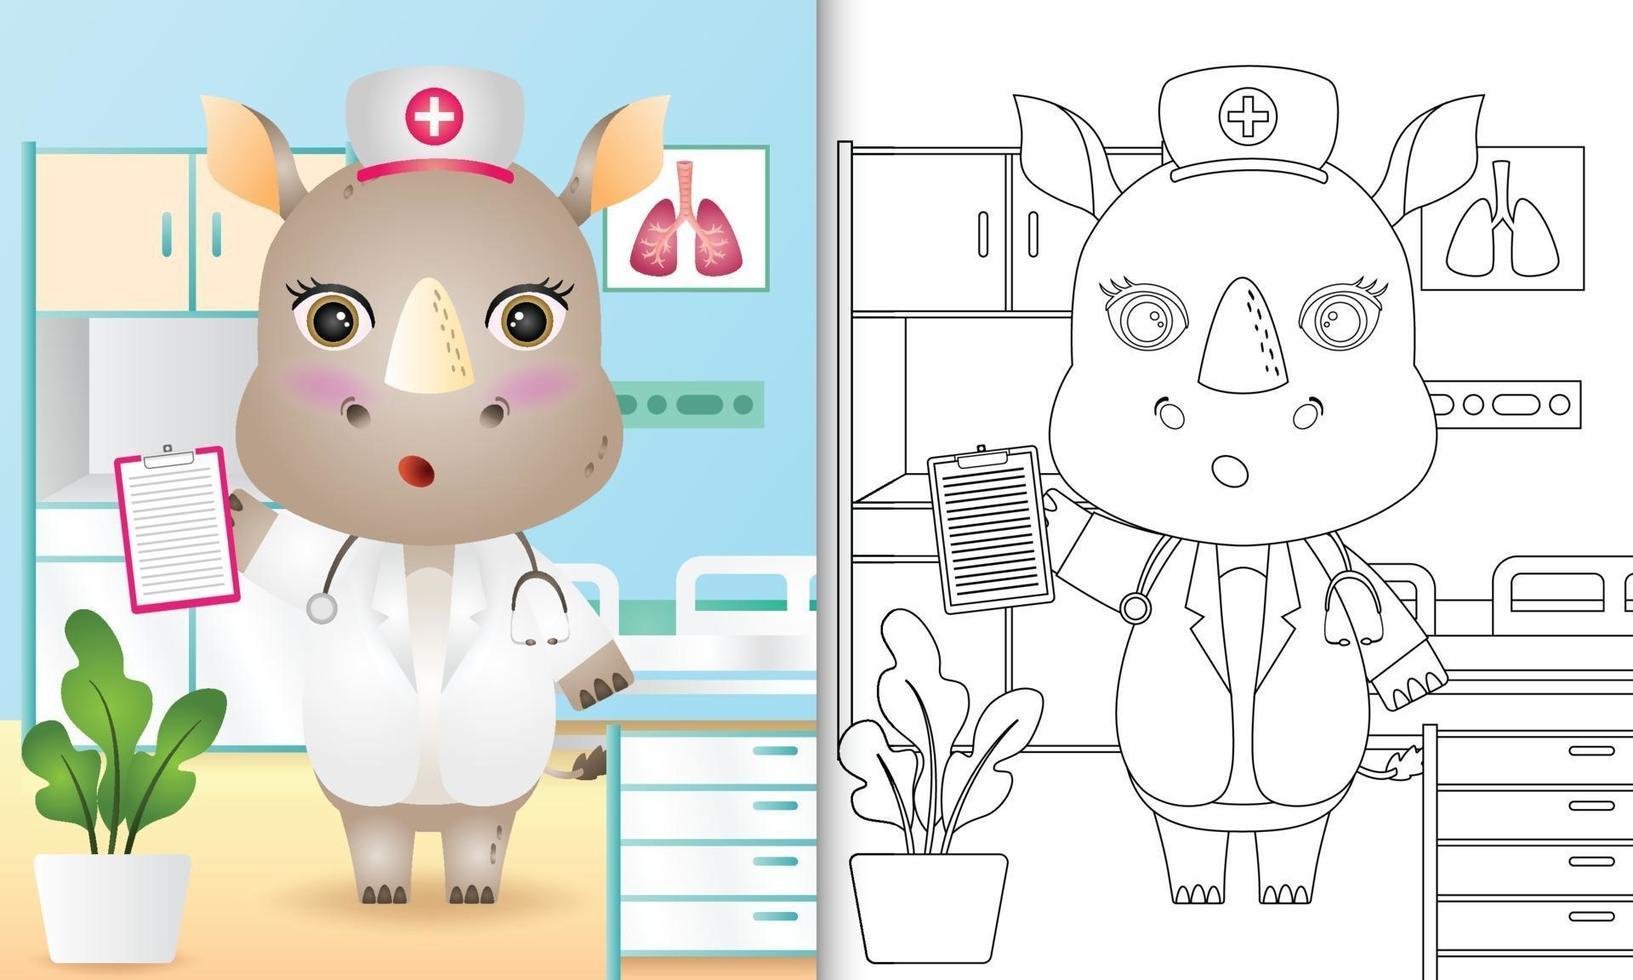 livre de coloriage pour les enfants avec une illustration de personnage mignon infirmière rhinocéros vecteur